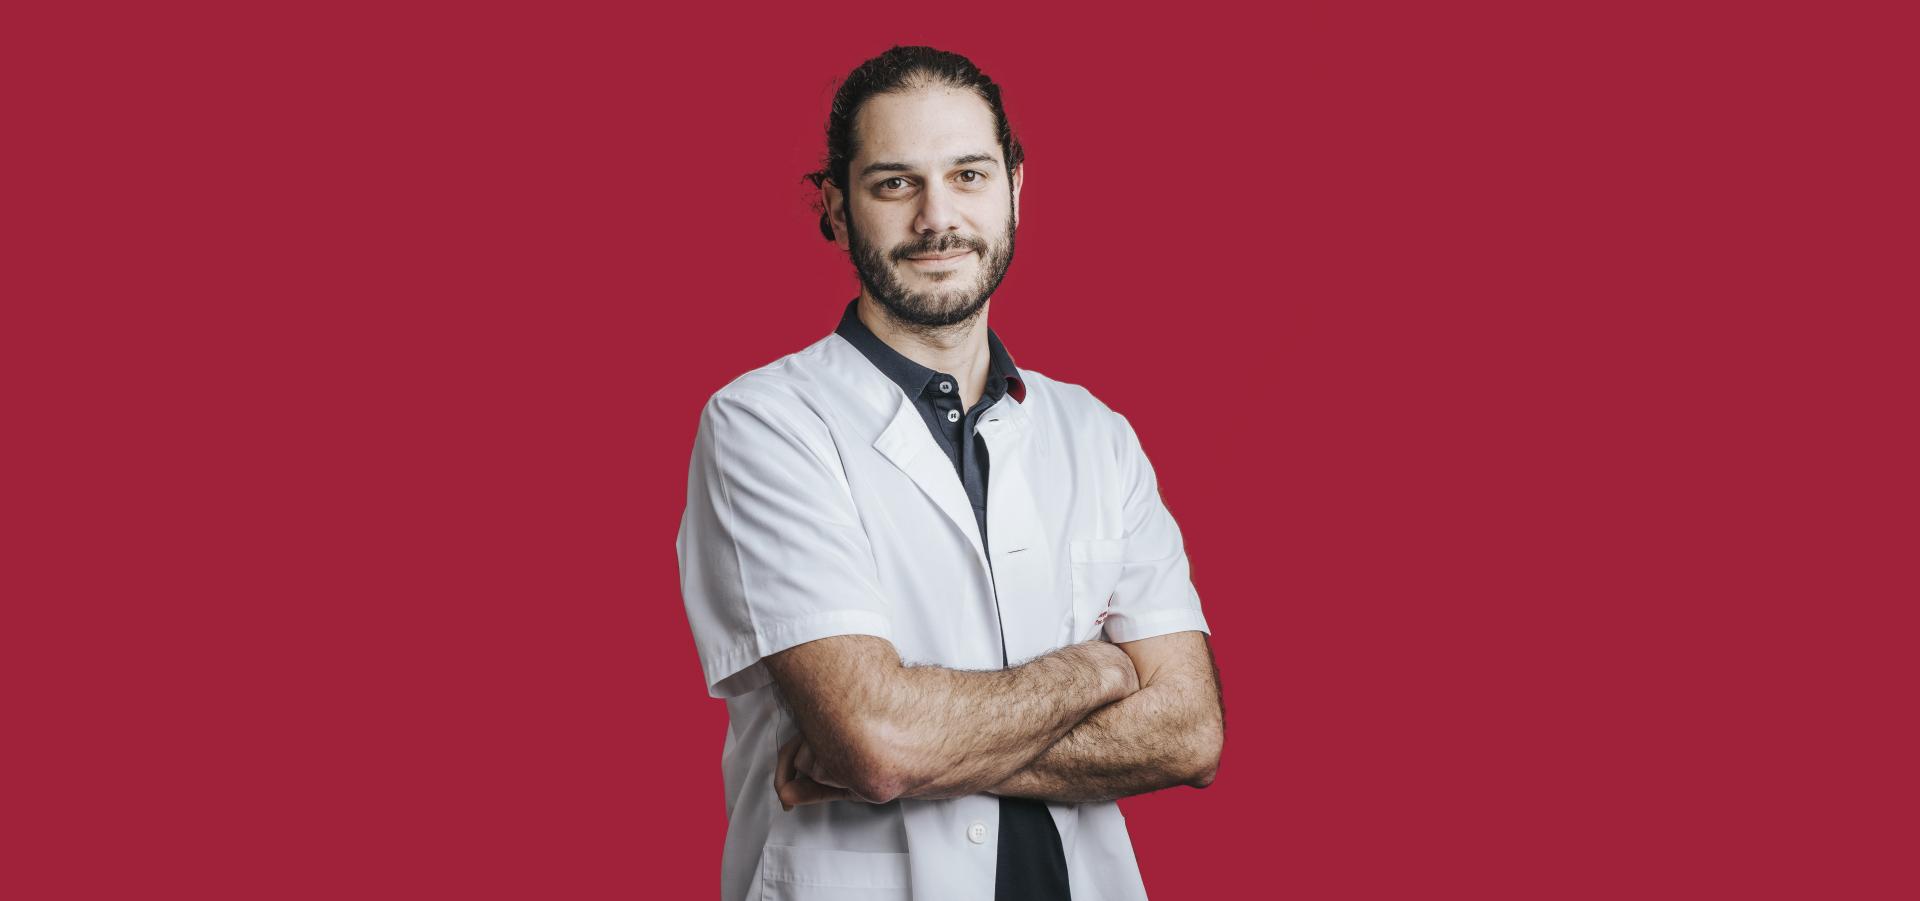 Dr. Daniel José Cárdenes